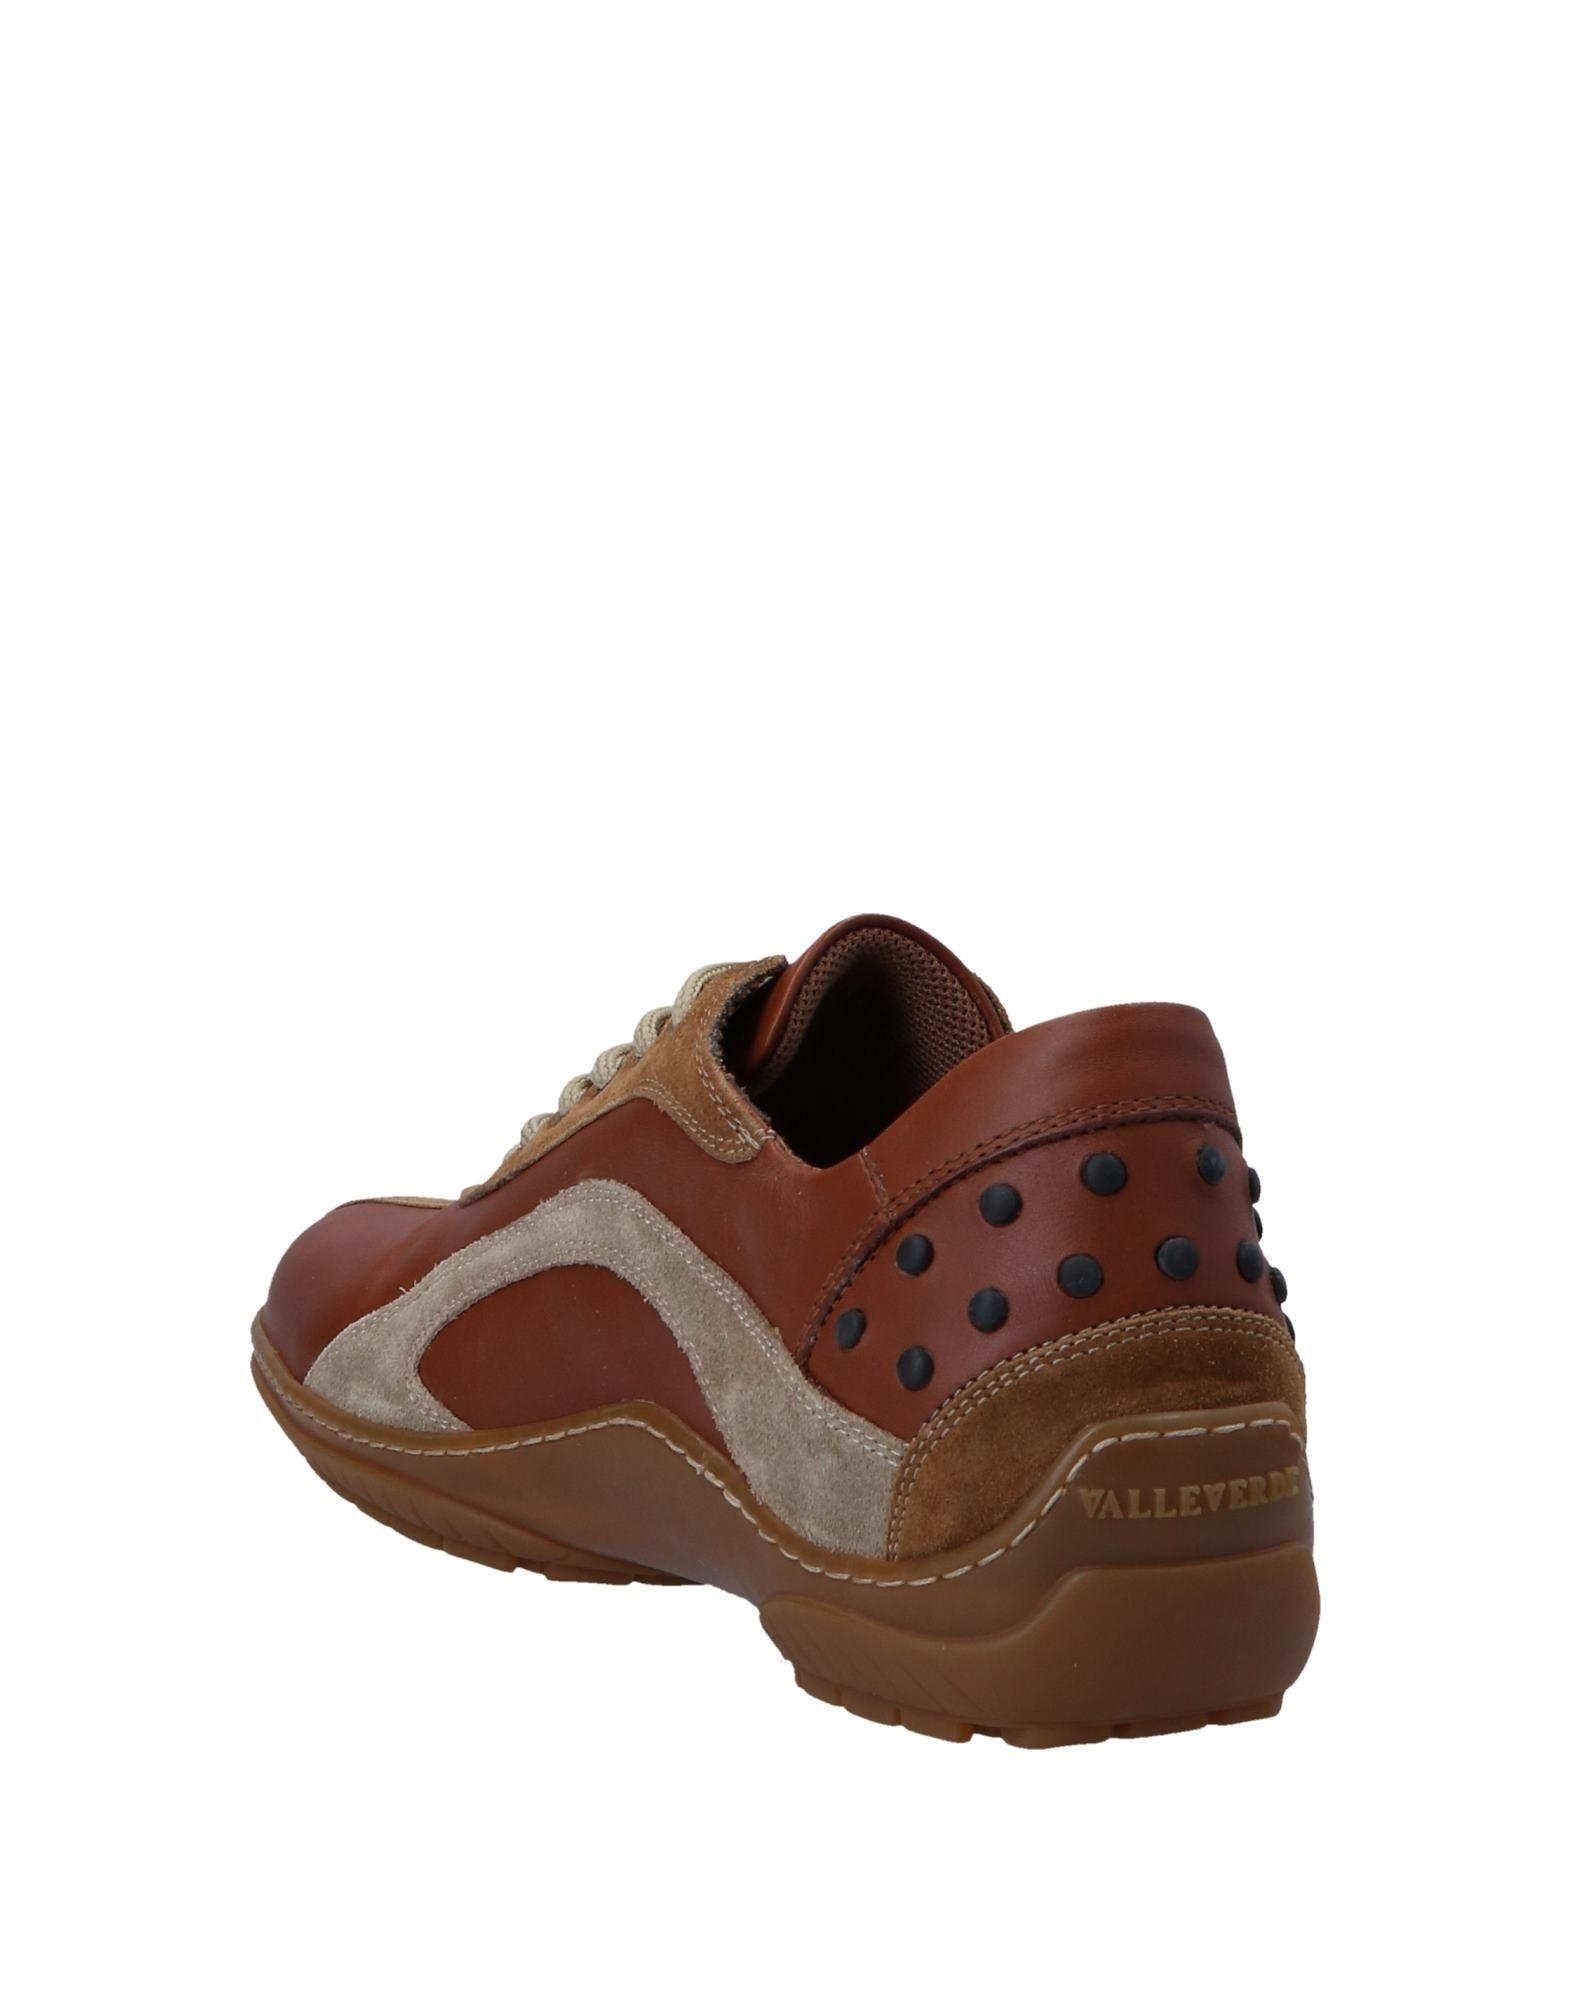 Valleverde Sneakers Sneakers Valleverde Herren  11549192CM 7813a5